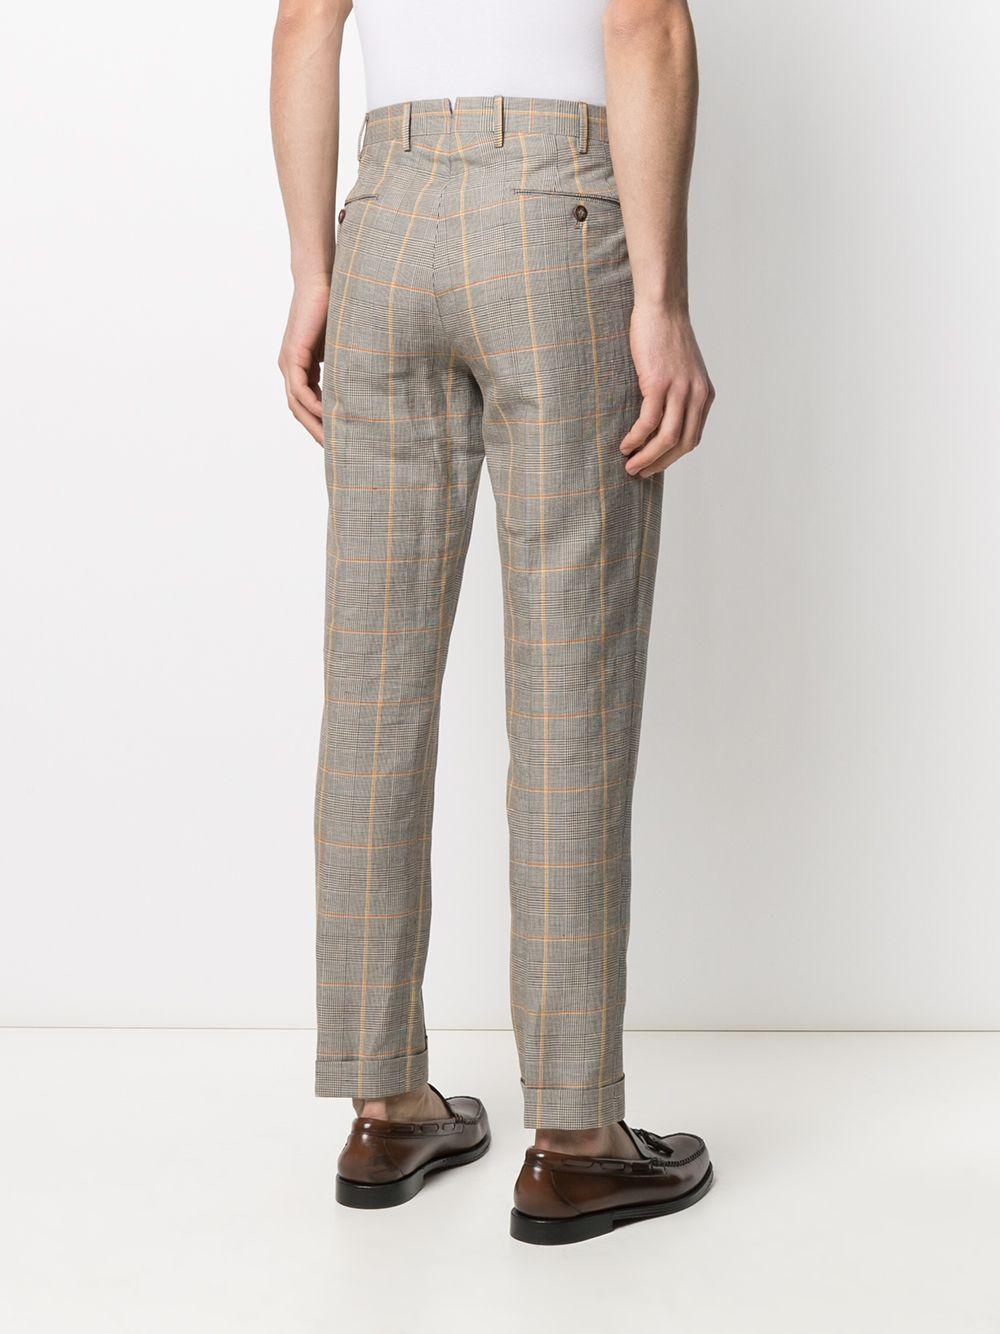 Pantaloni a quadri beige e arancio in lino-cotone con piega rovesciata PT01 | Pantaloni | COHS22ZS0SUM-MP610170